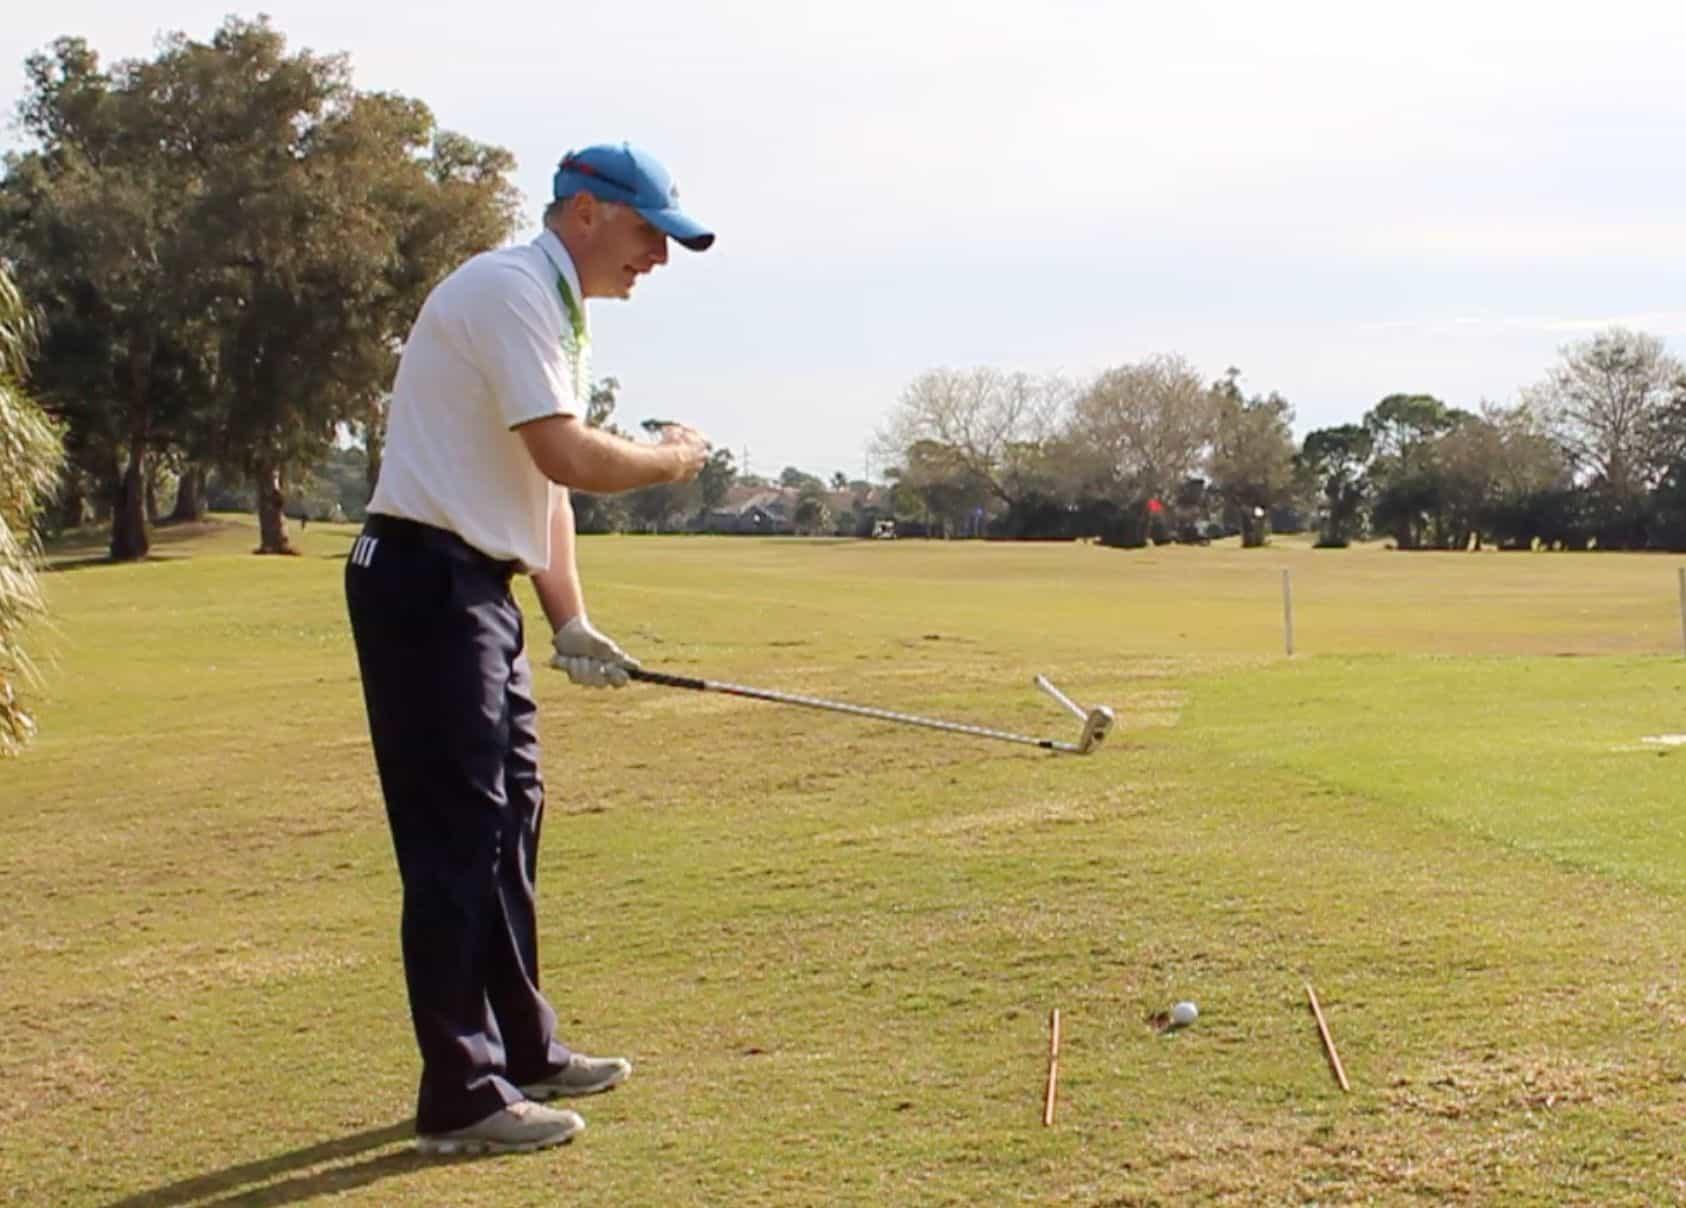 Golf Ball Above Feet Magnet